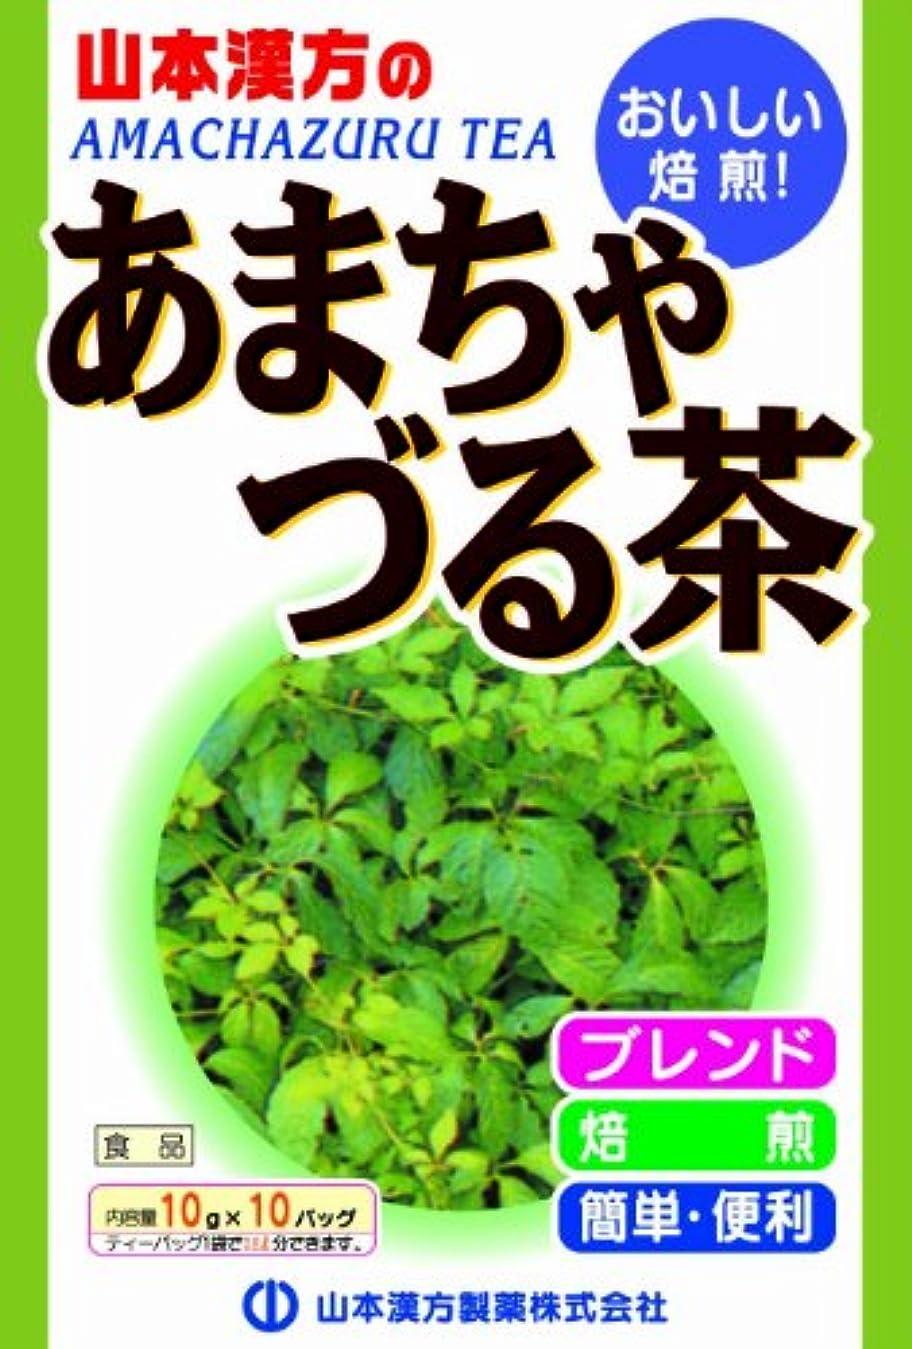 スタジアム構成味わう山本漢方製薬 アマチャヅル茶 10gX10H